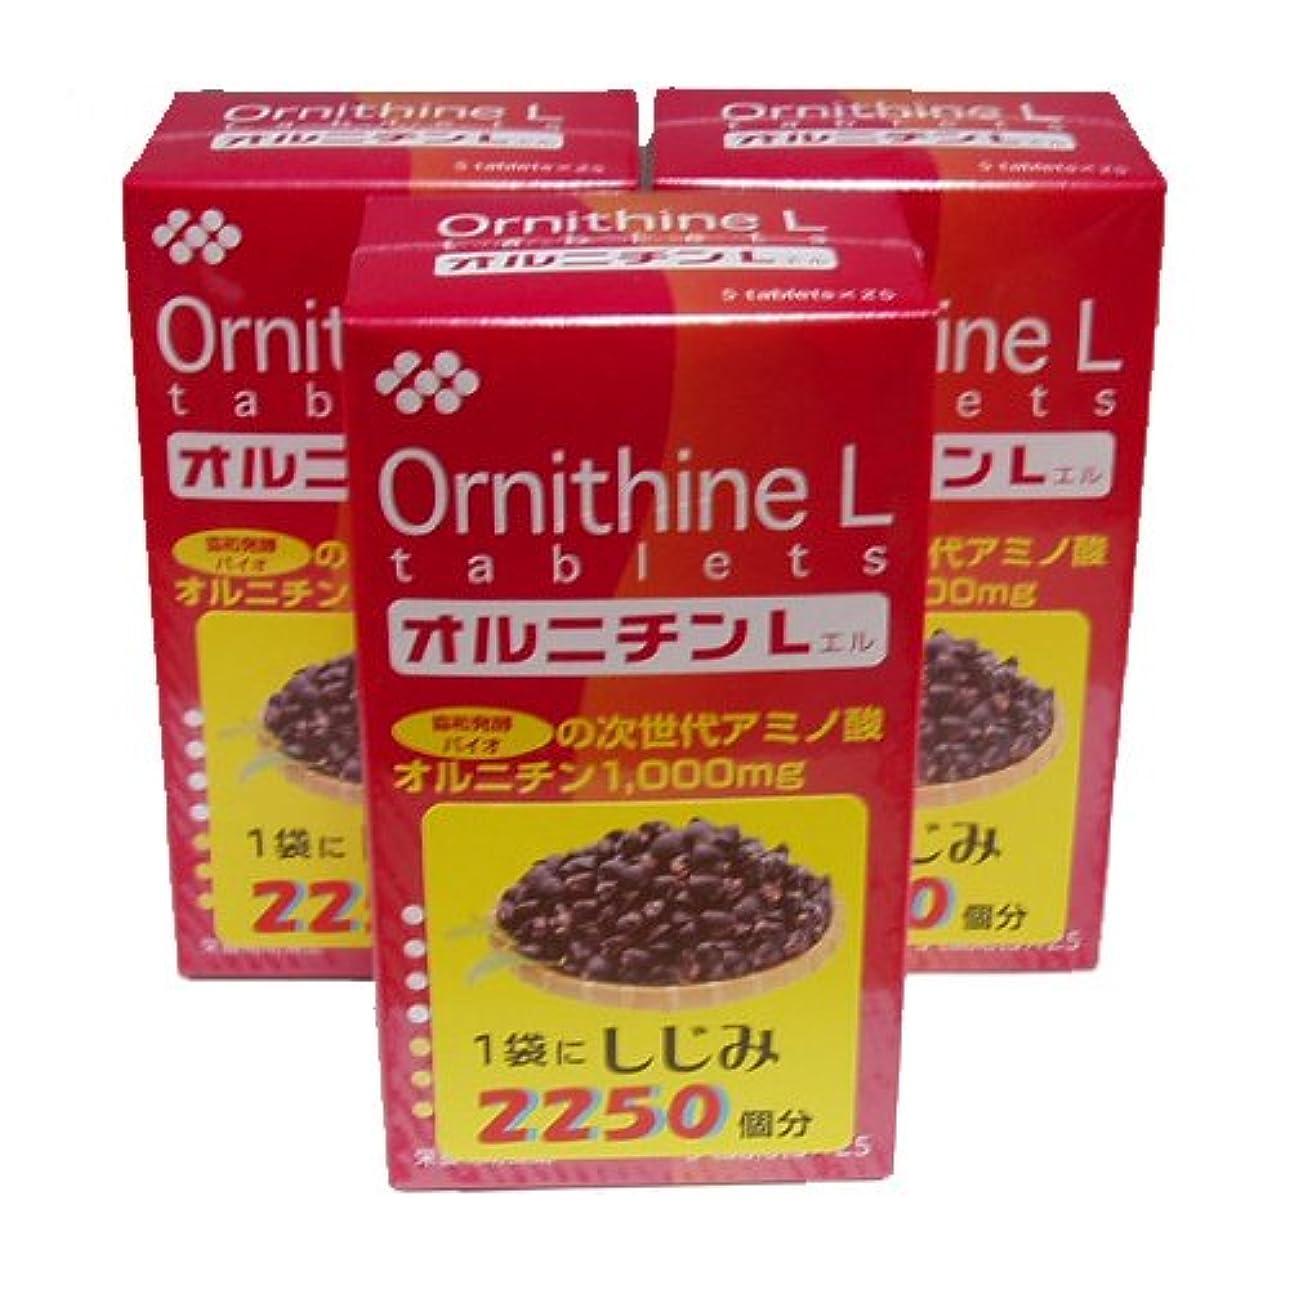 征服するチャンバーホスト伸和製薬オルニチンL (5粒×25袋)×3個セット